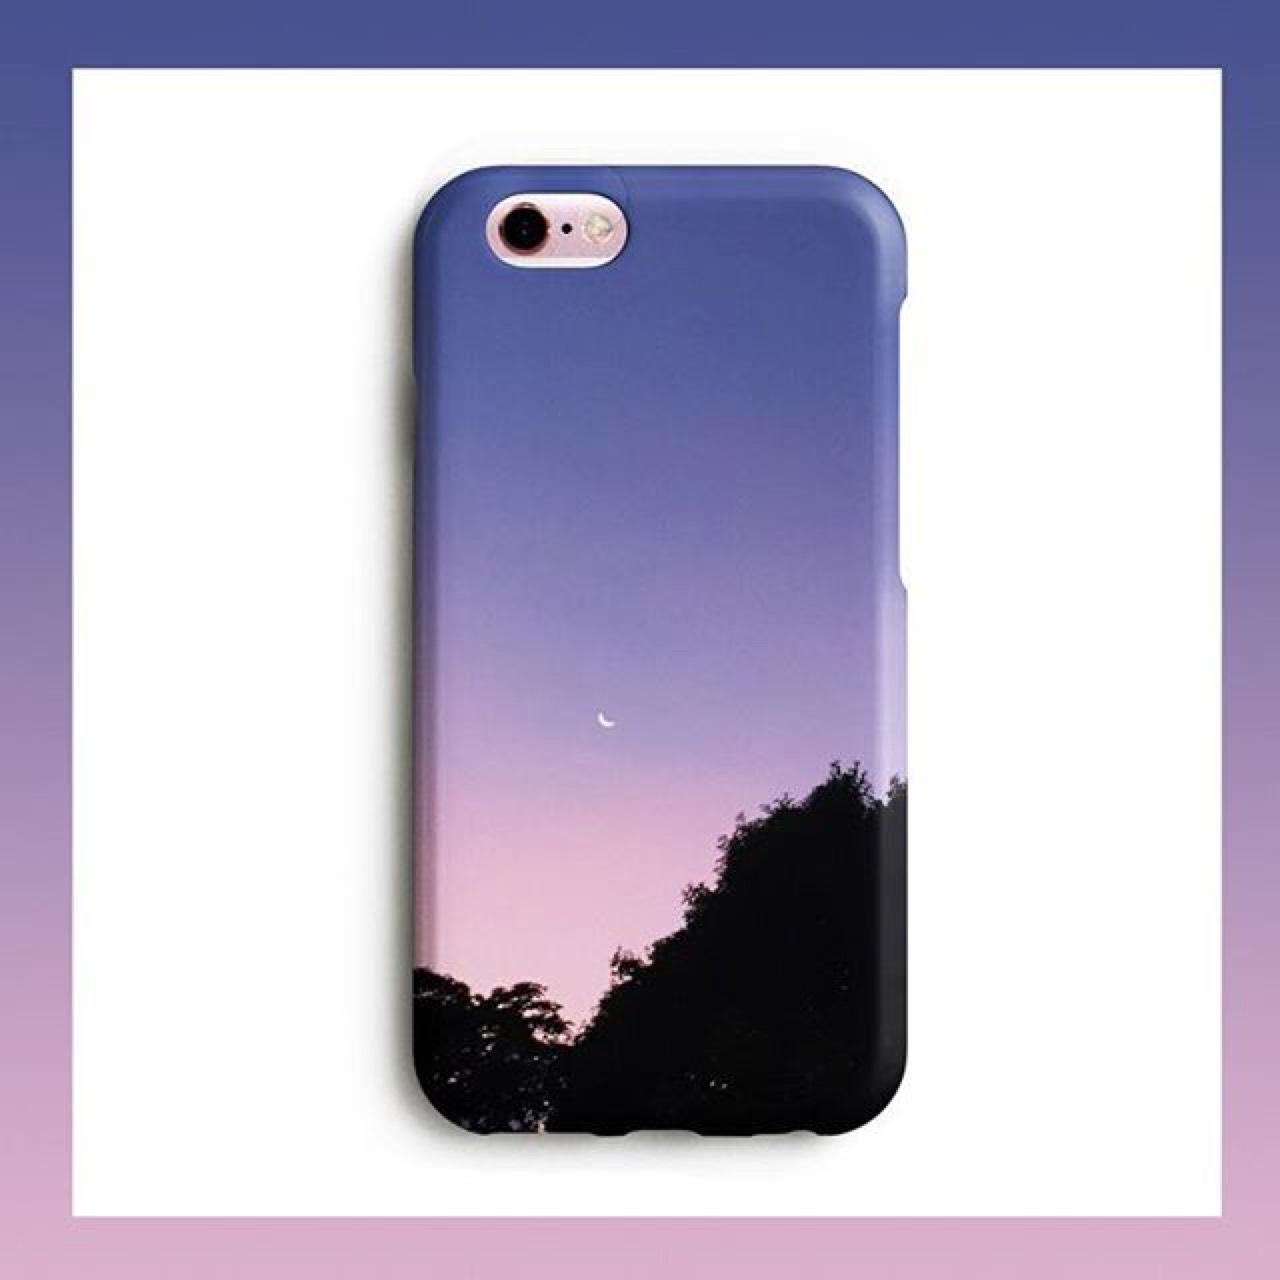 เคสมือถือ,เคสไอโฟน,เคสซัมซุง,เคสเนื้อด้าน,เคส,เคสโทรศัพ,case,iphone,samsung,iphonecase,samsungcase,OnTheGround